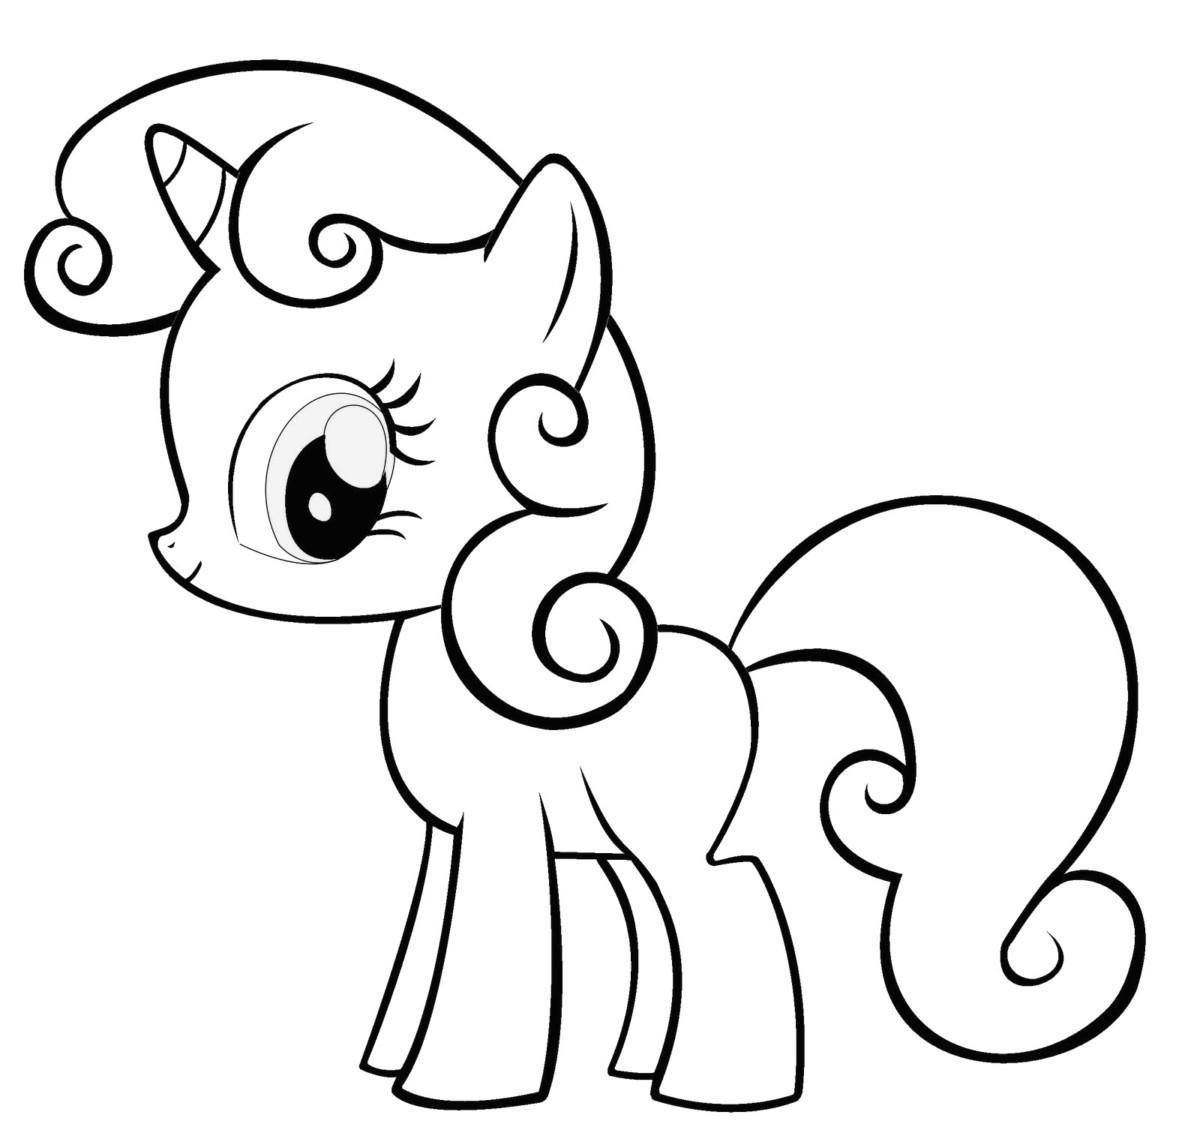 Tải tranh tô màu Pony siêu đáng yêu dành cho bé | Ngựa pony 111